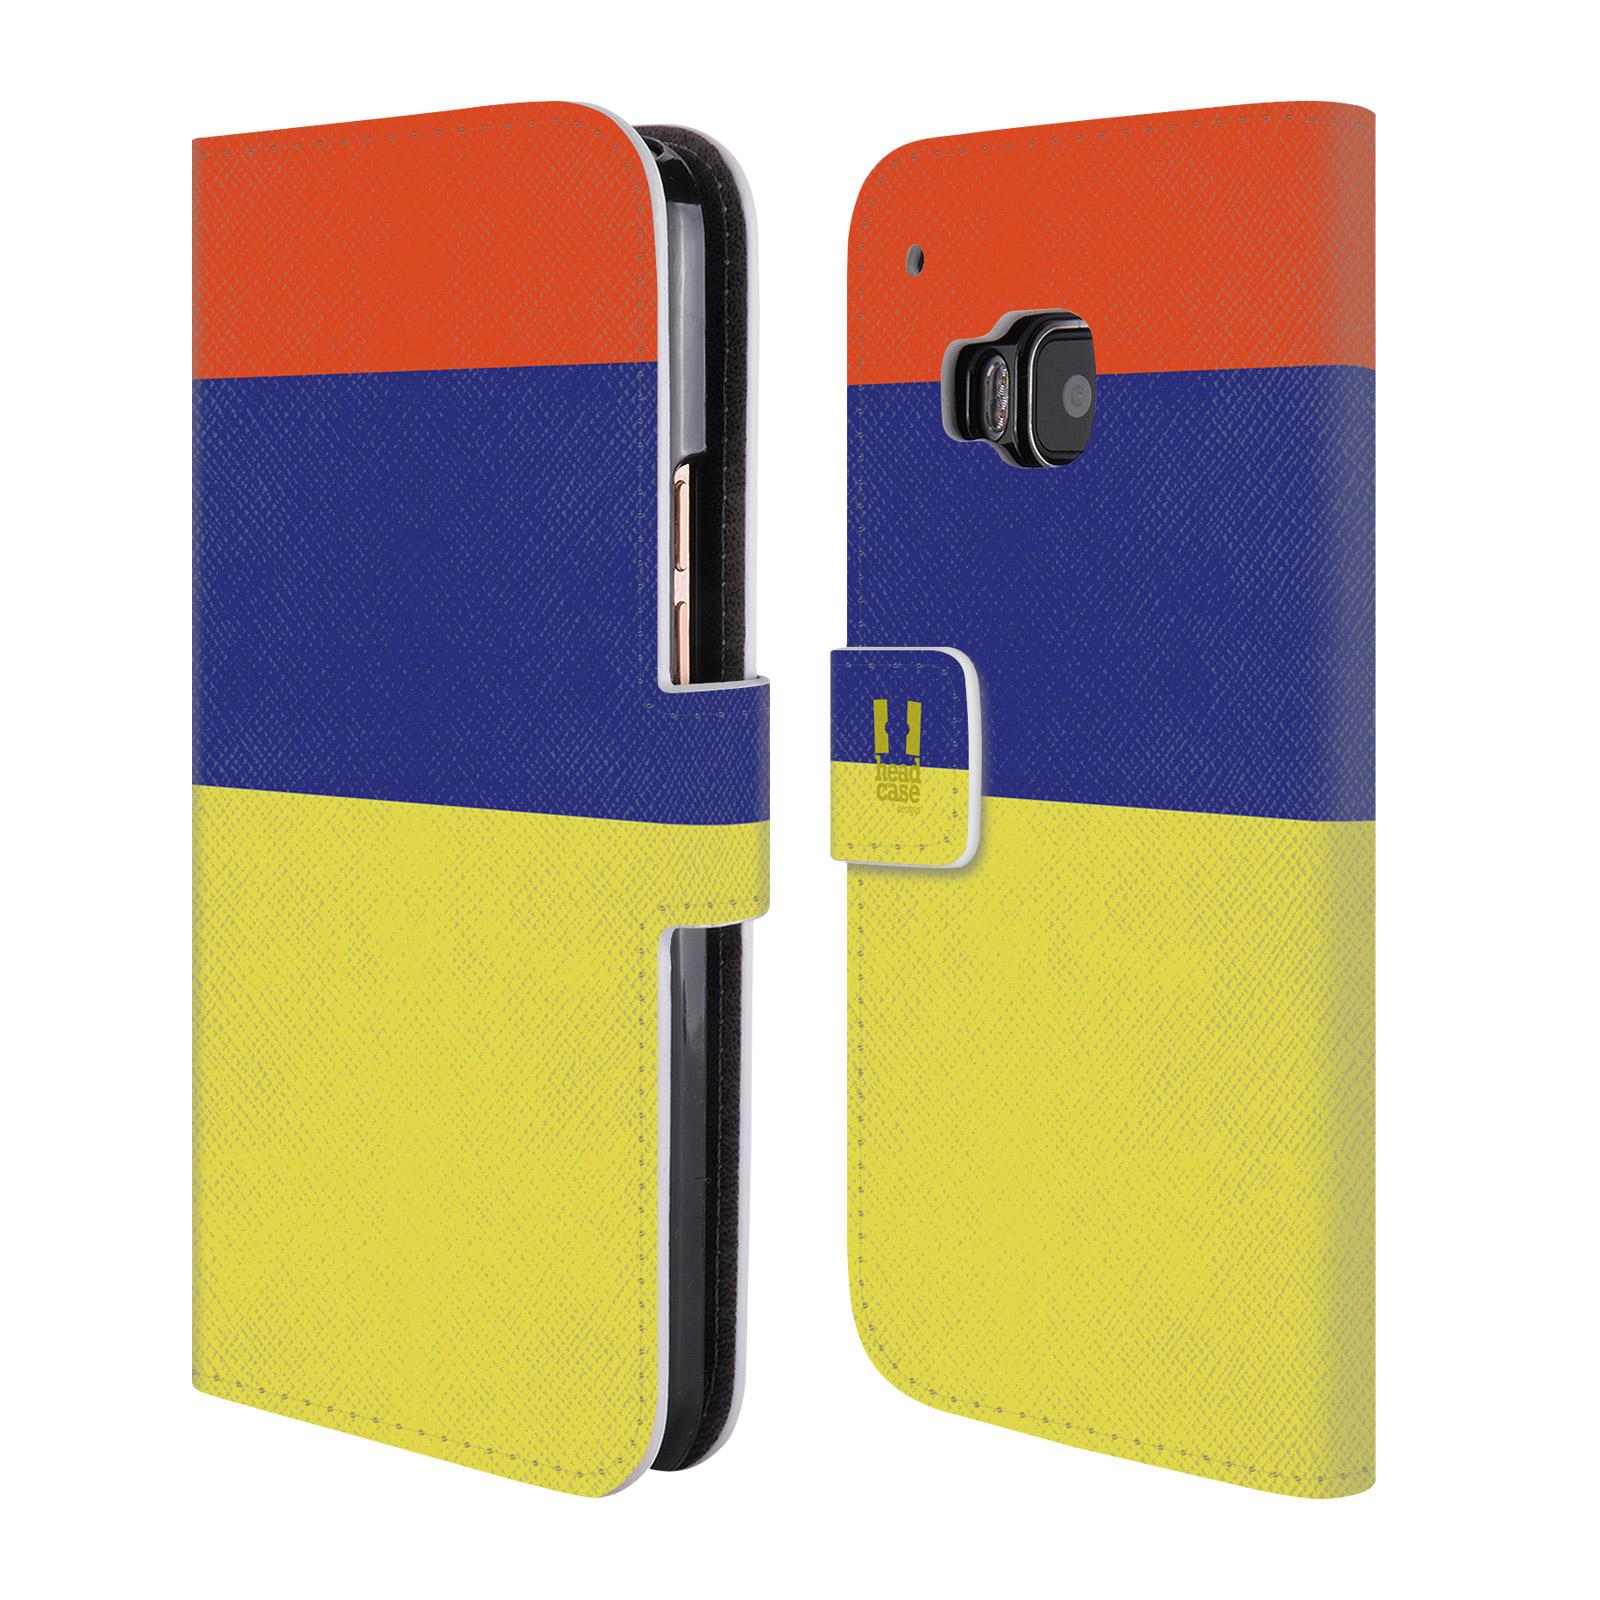 HEAD CASE Flipové pouzdro pro mobil HTC ONE M9 barevné tvary žlutá, modrá, červená